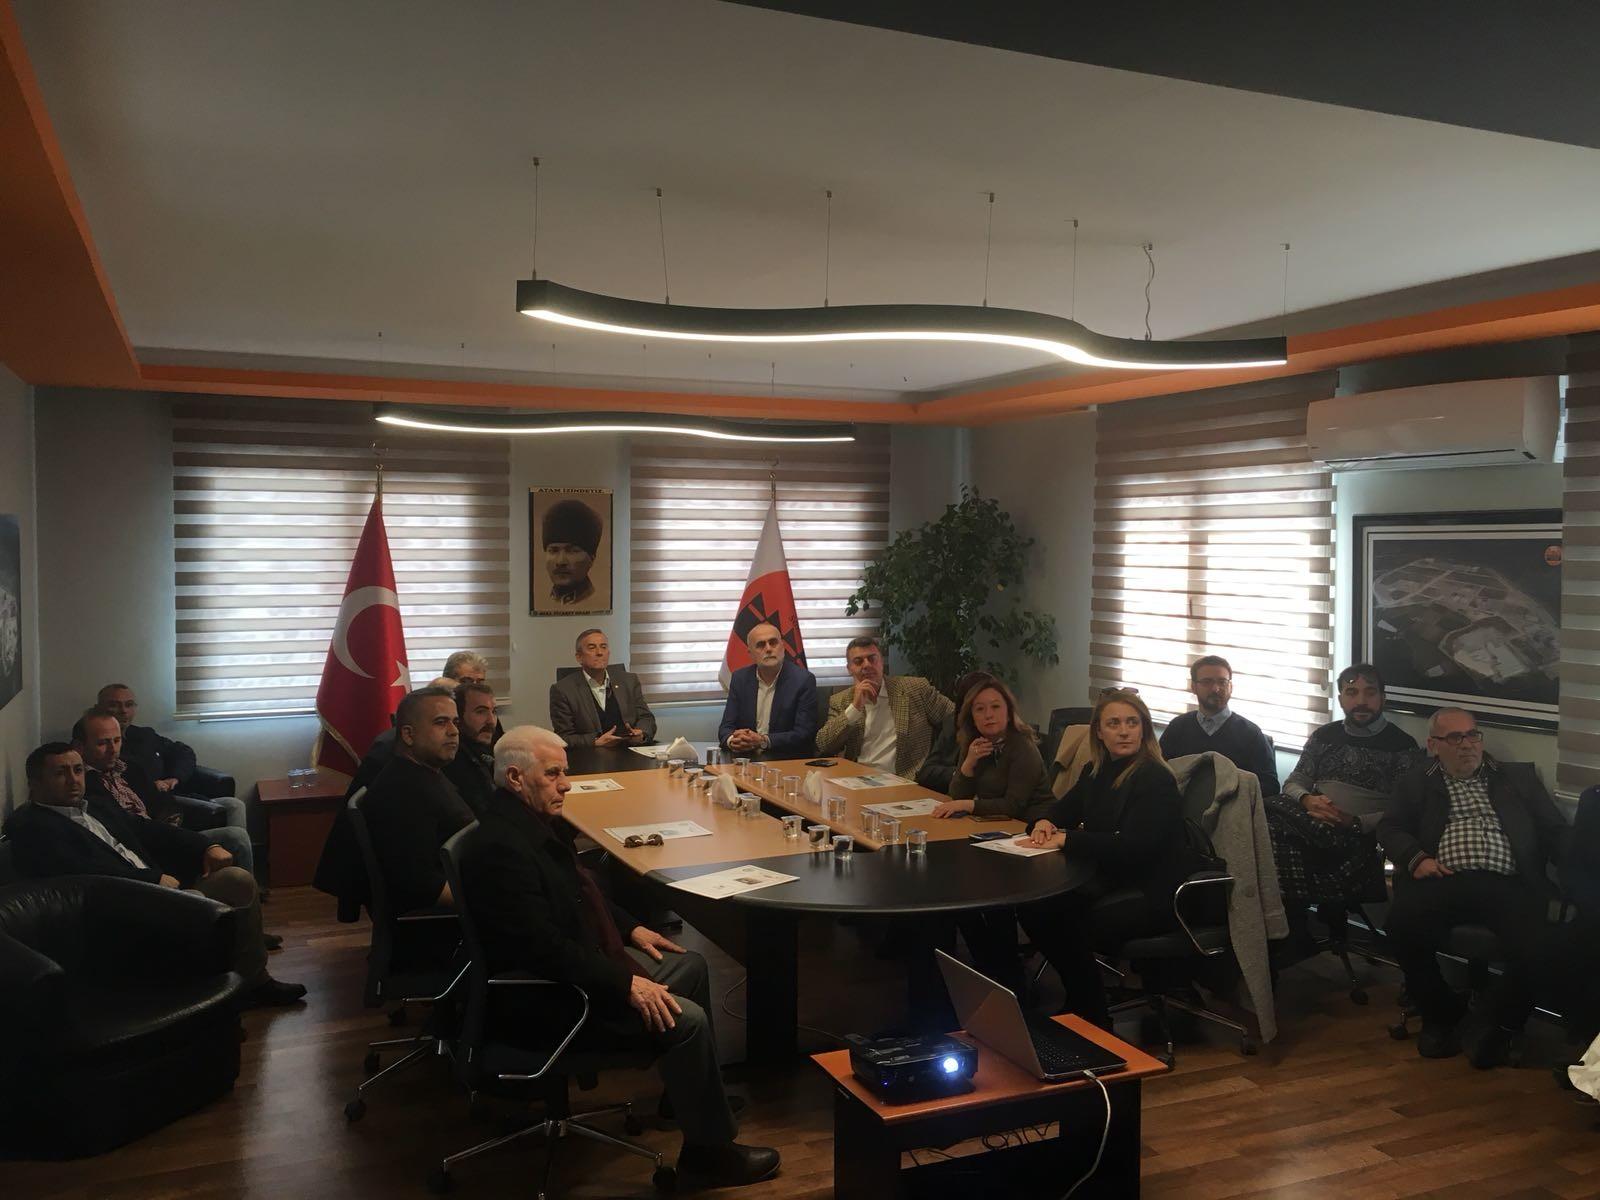 Söke Ticaret Odası Üyeleri Bilgilendirme Toplantısı Gerçekleştirildi